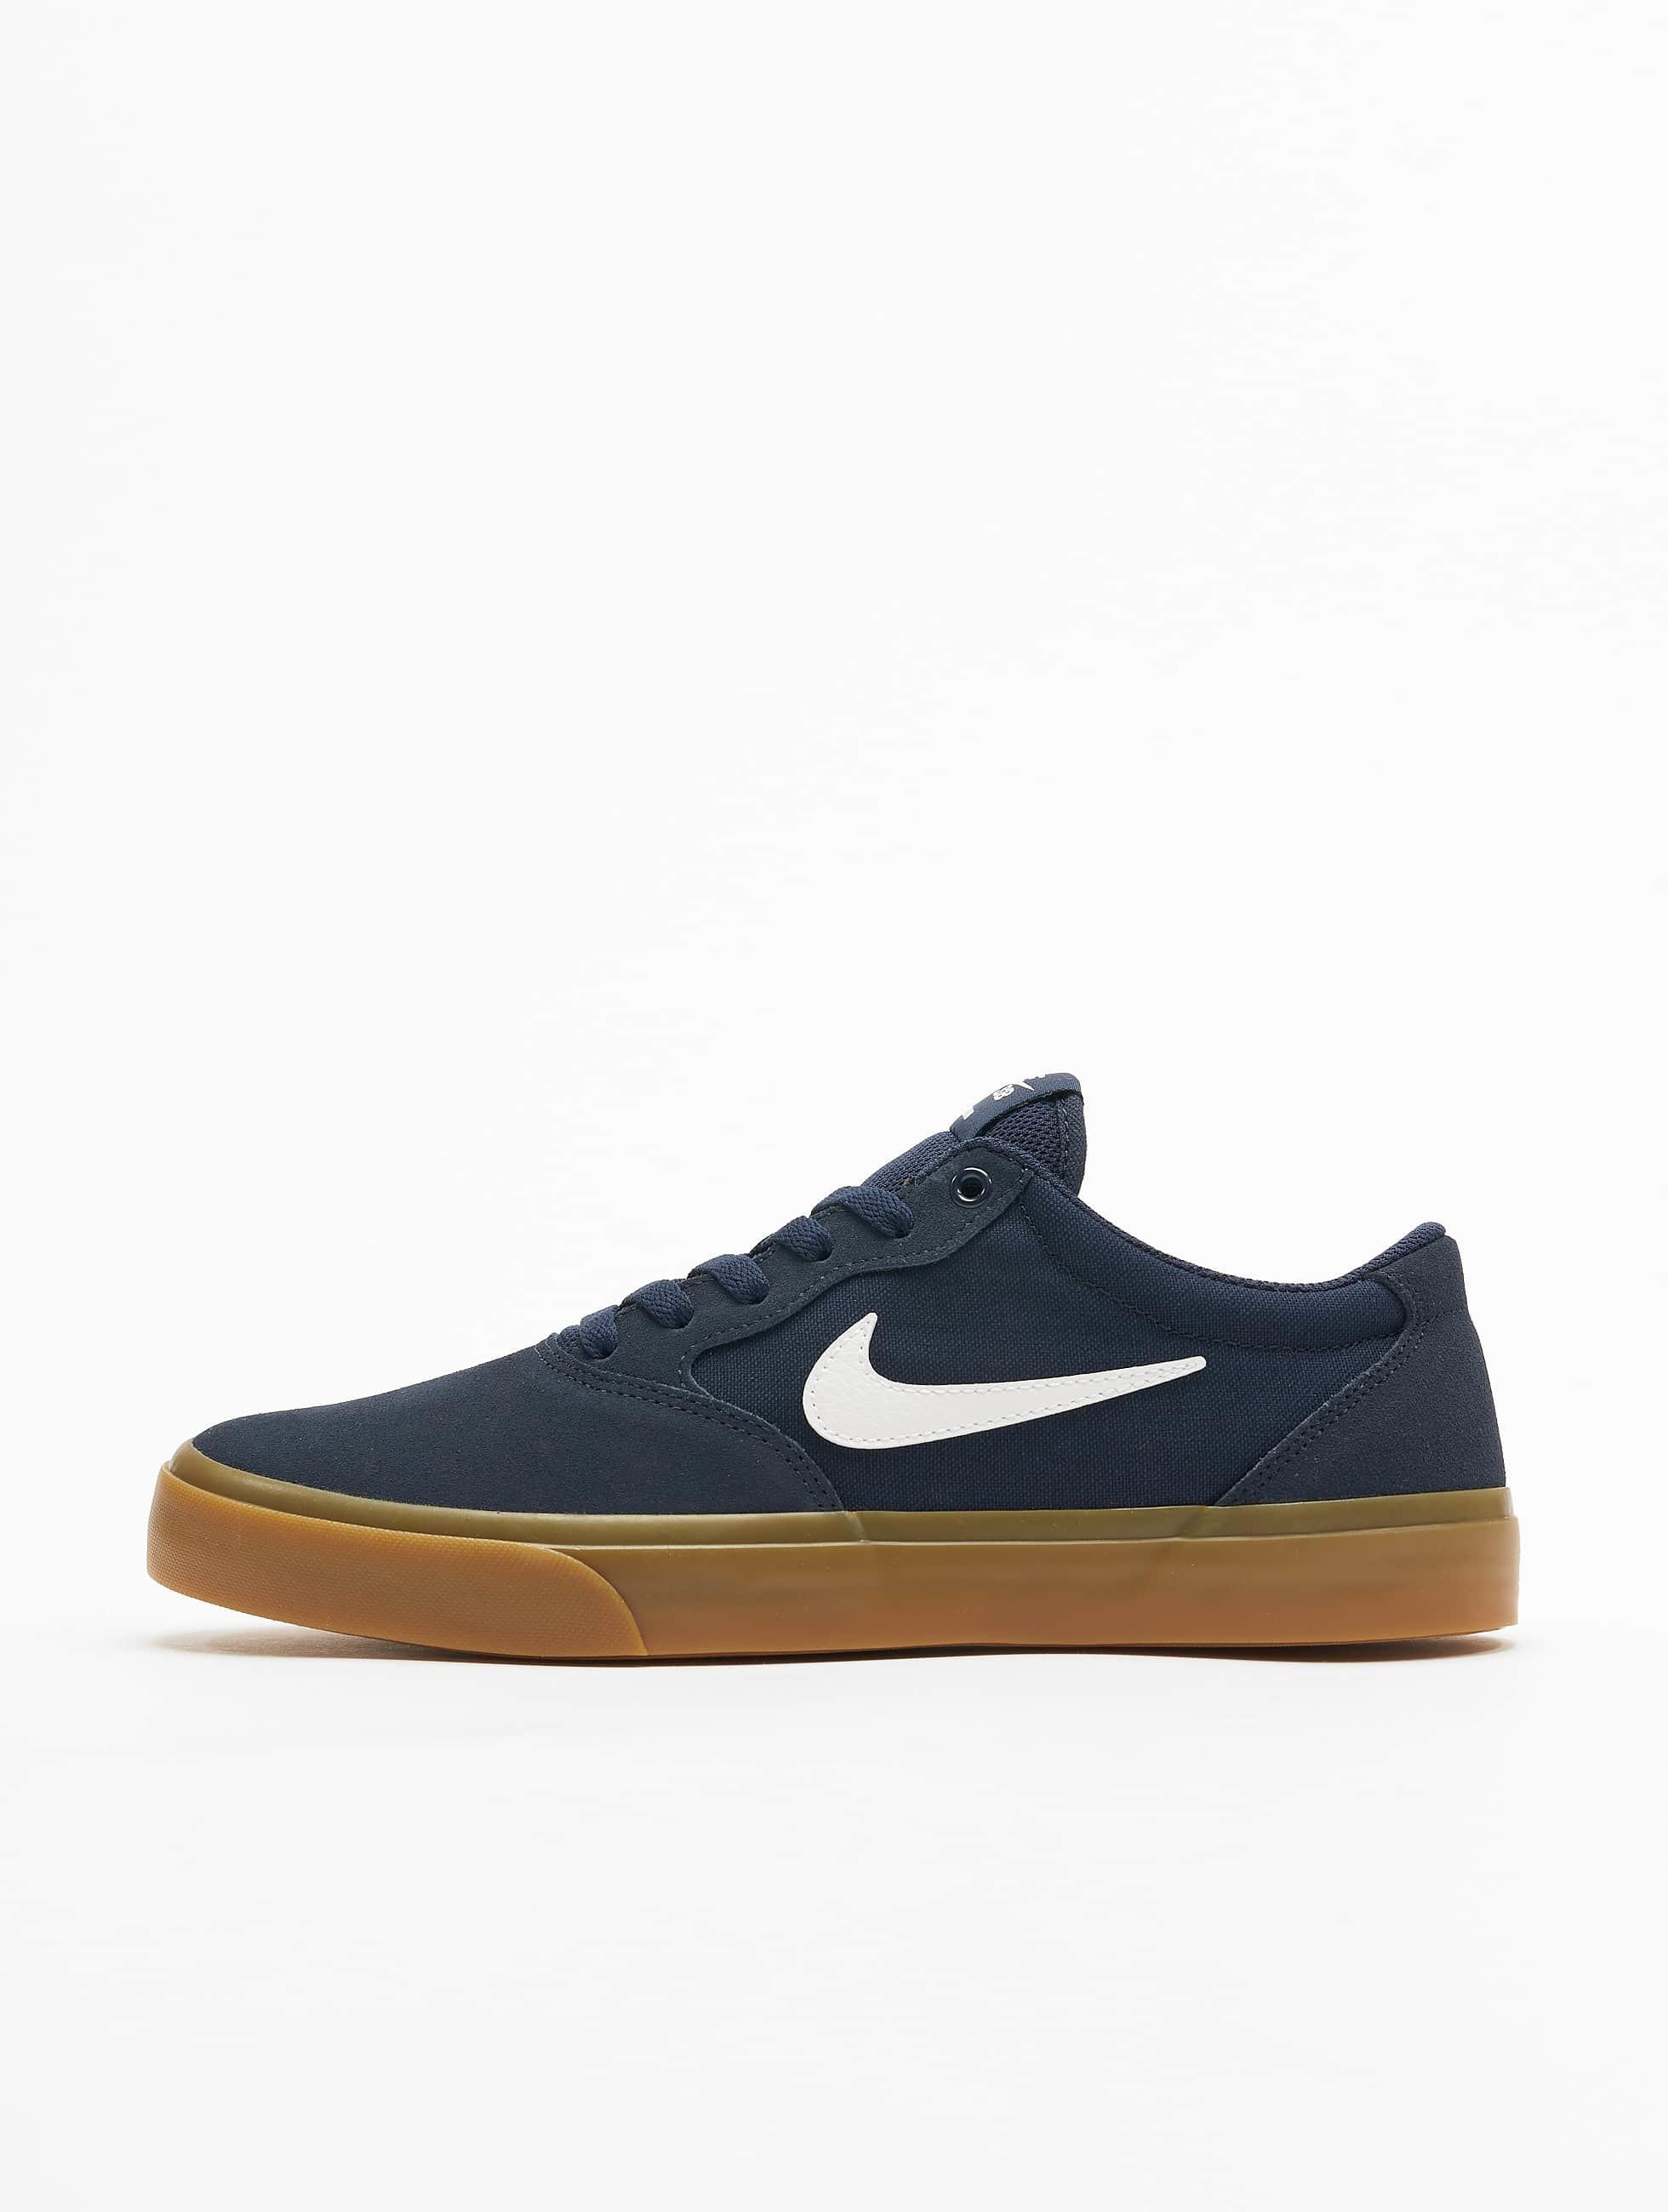 Nike Chron Slr Obsidianwhite Sneakers Sb T13lKcuJF